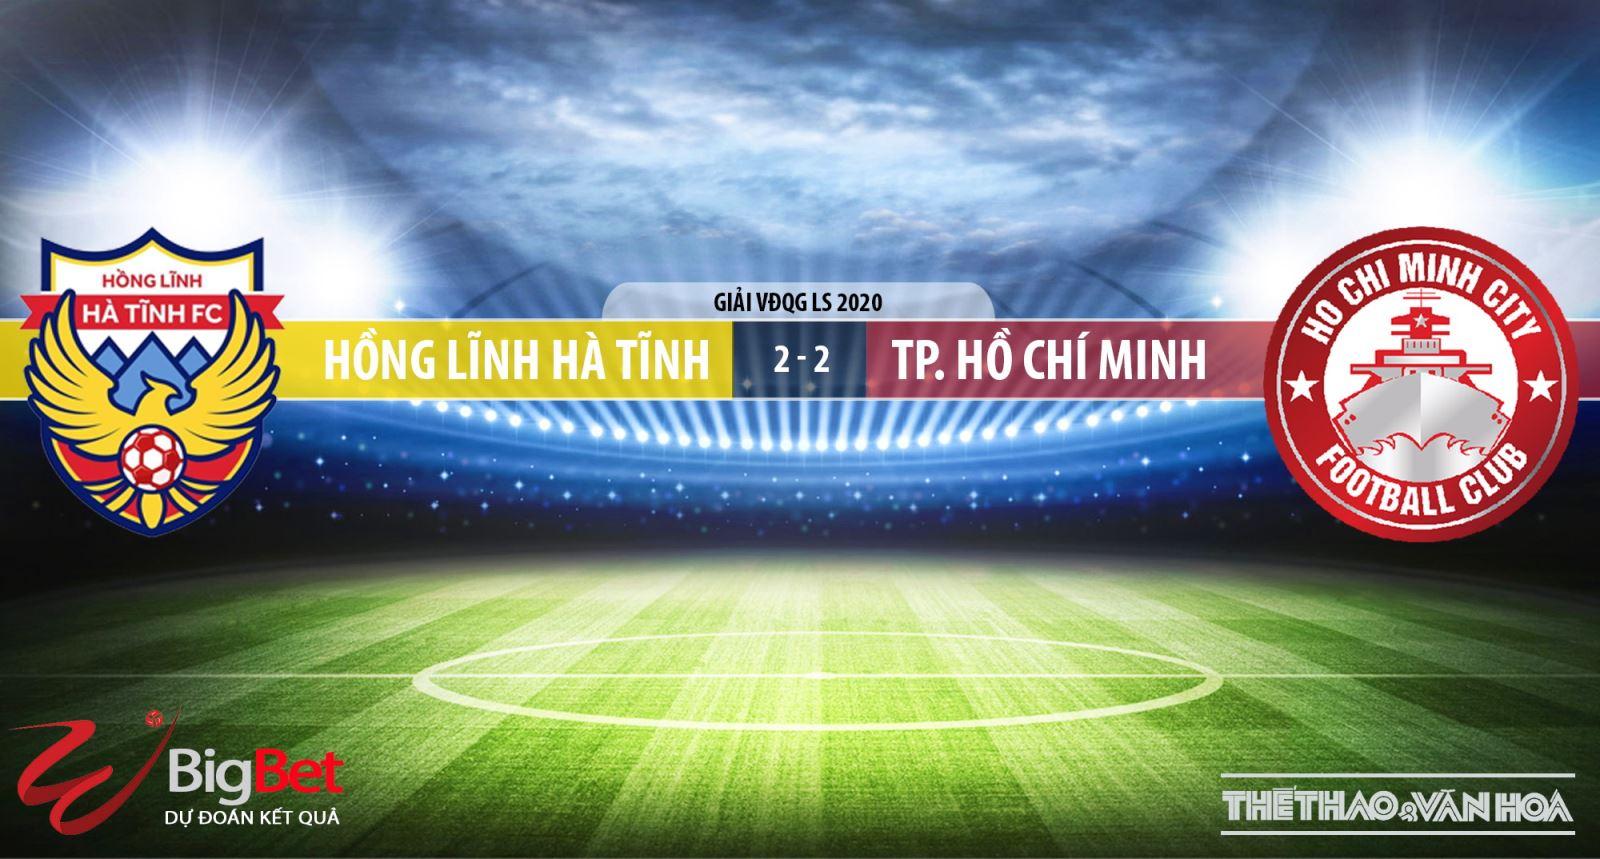 Keo nha cai, kèo nhà cái, Hà Tĩnh vs TPHCM, trực tiếp bóng đá, trực tiếp V-League 2020, soi kèo nhà cái, soi kèo Hà Tĩnh đấu với TPHCM, Thể thao TV, VTC3, kèo TPHCM